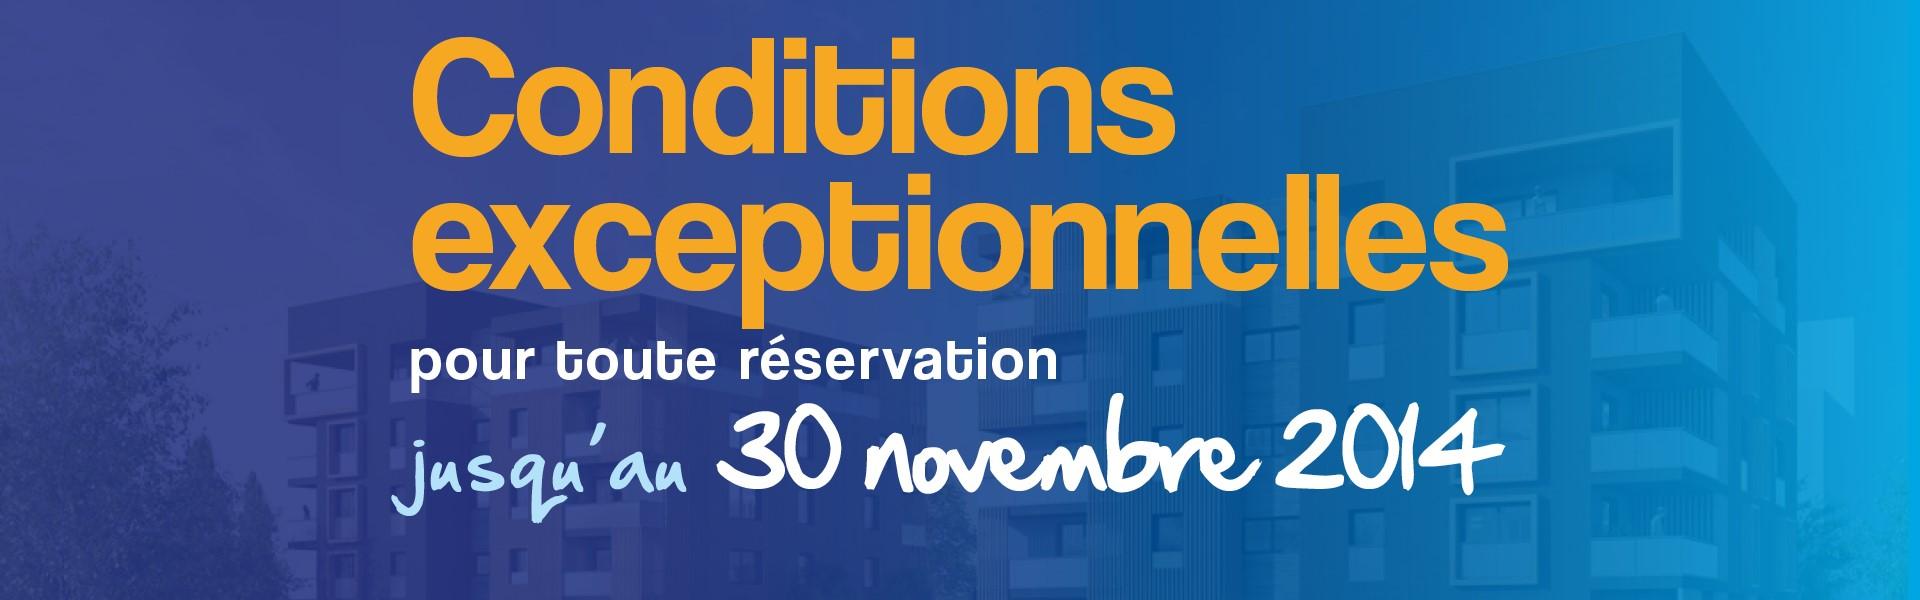 Jusqu'au 30 NOVEMBRE 2014, b�n�ficiez de conditions exceptionnelles !